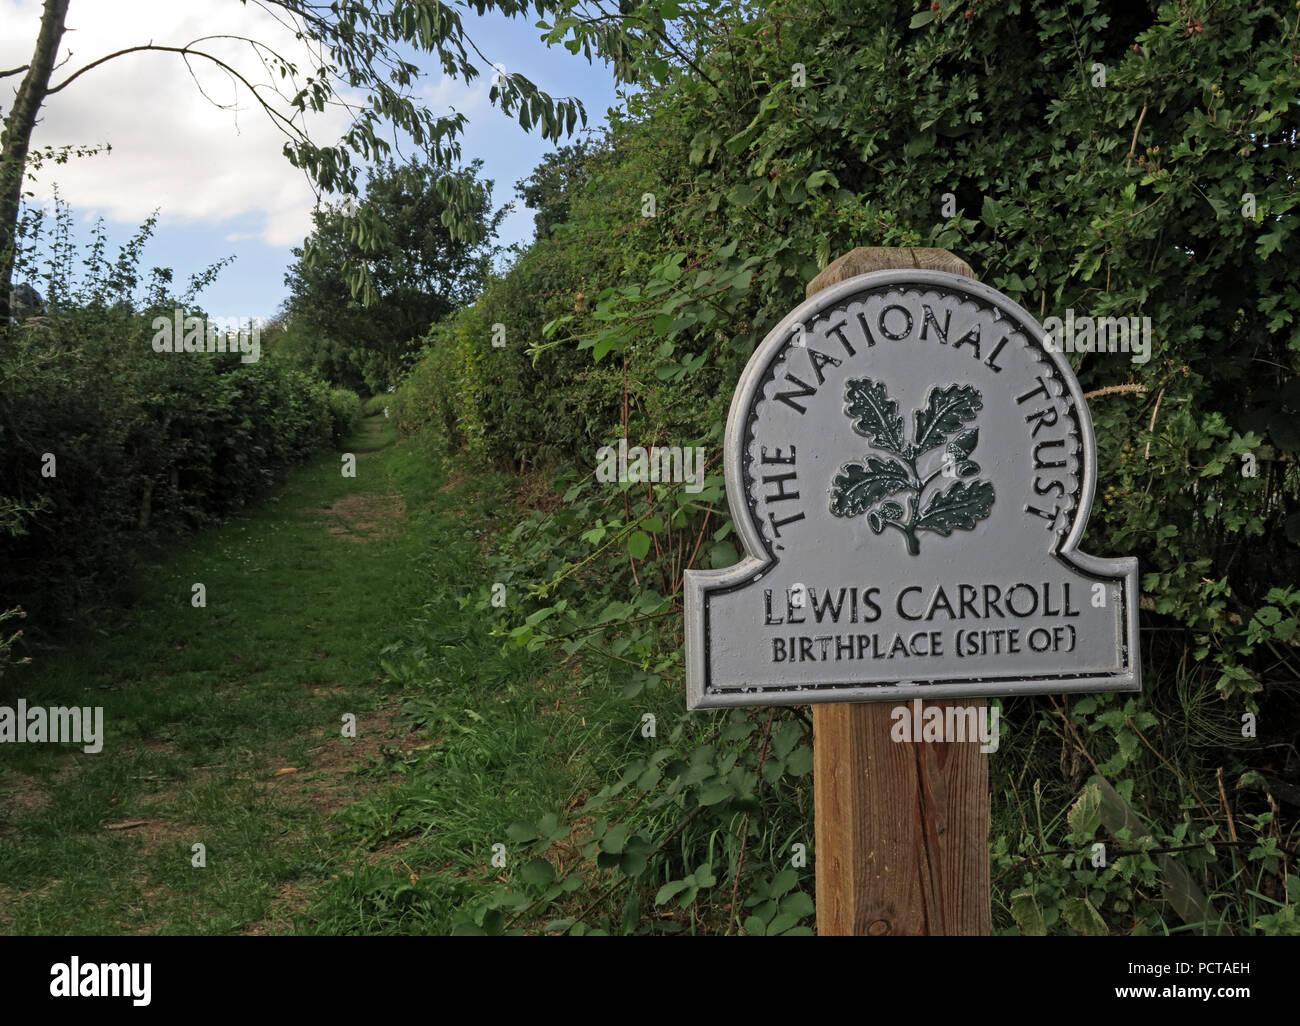 Laden Sie dieses Alamy Stockfoto Pfad zu Lewis Carroll Geburtsort, Morphany Lane, Newton-le-Willows, Warrington, Cheshire, North West England, Großbritannien - PCTAEH